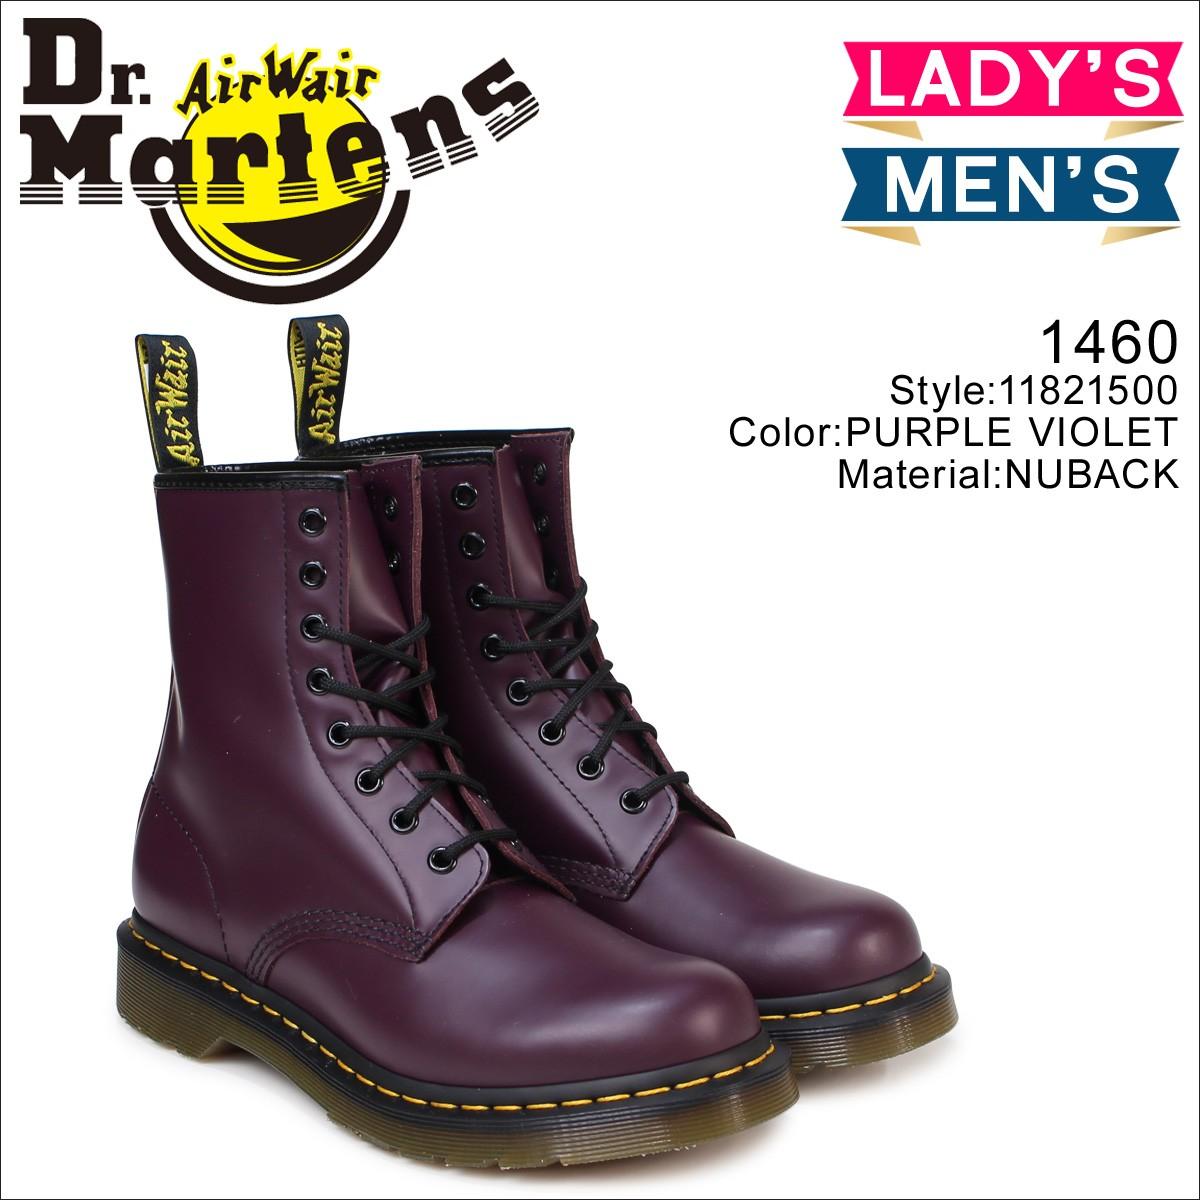 ドクターマーチン Dr.Martens ブーツ 靴 正規 あす楽 通販ドクターマーチン 8ホール 1460 レディース Dr.Martens ブーツ WOMENS 8EYE BOOT R11821500 メンズ